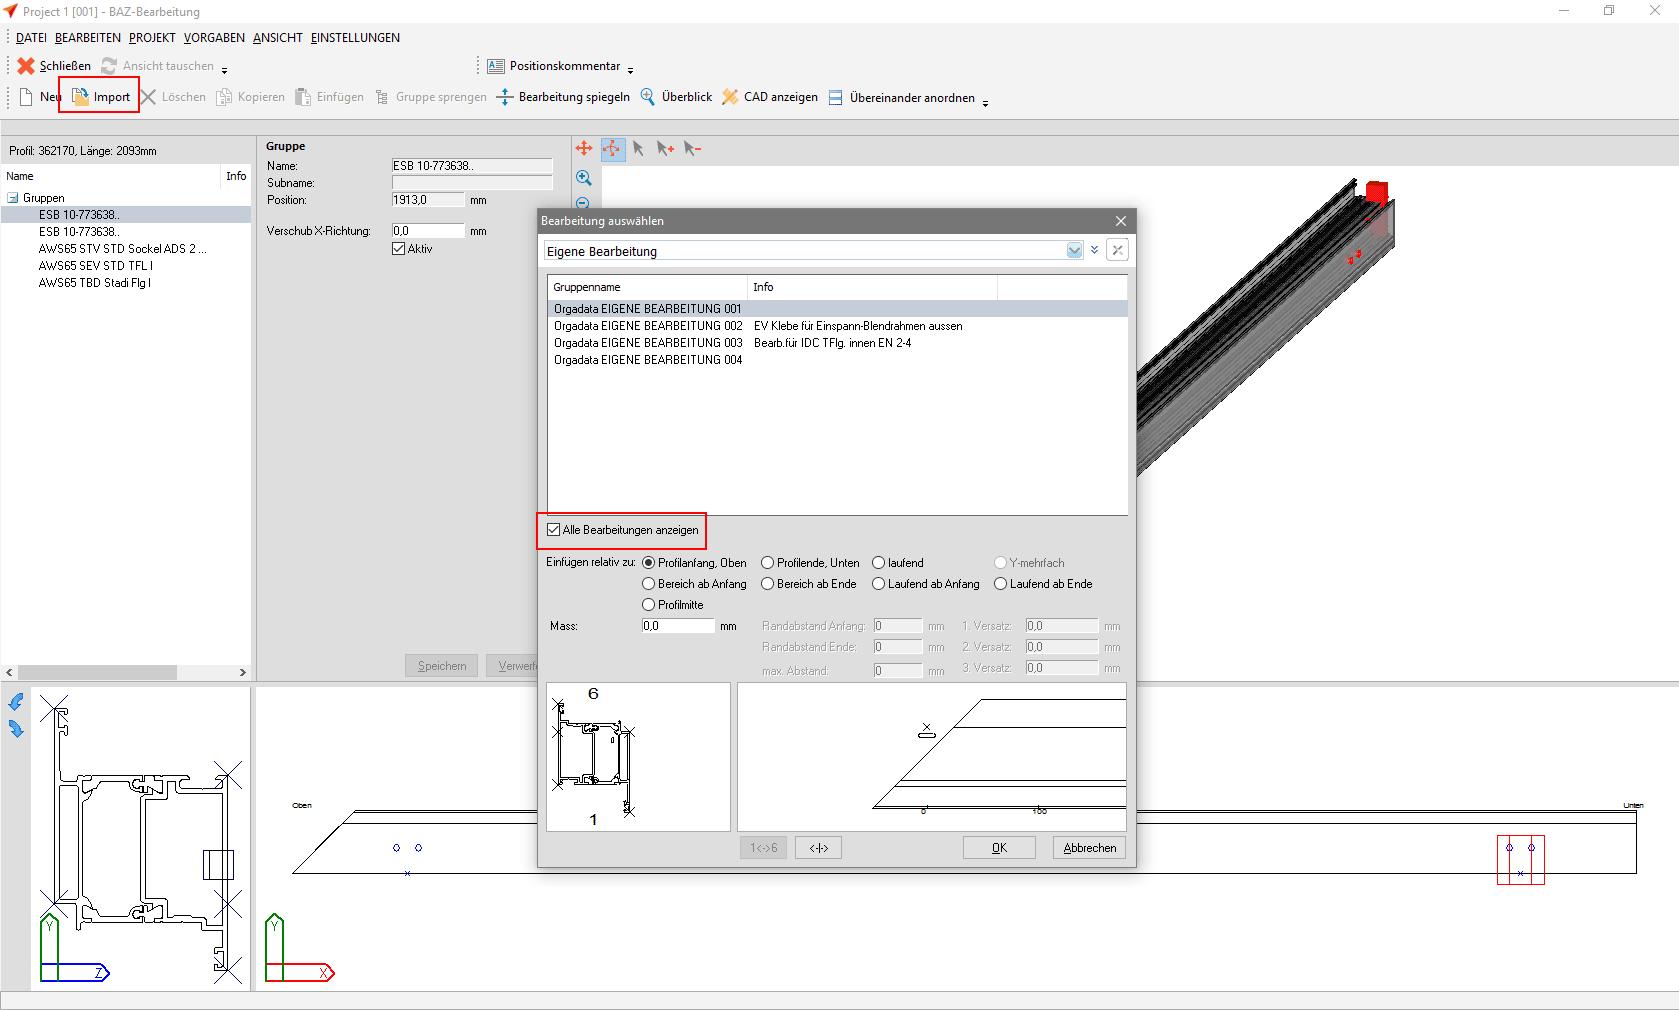 DE-2016-Projekt-BAZ-Datenbank-004a